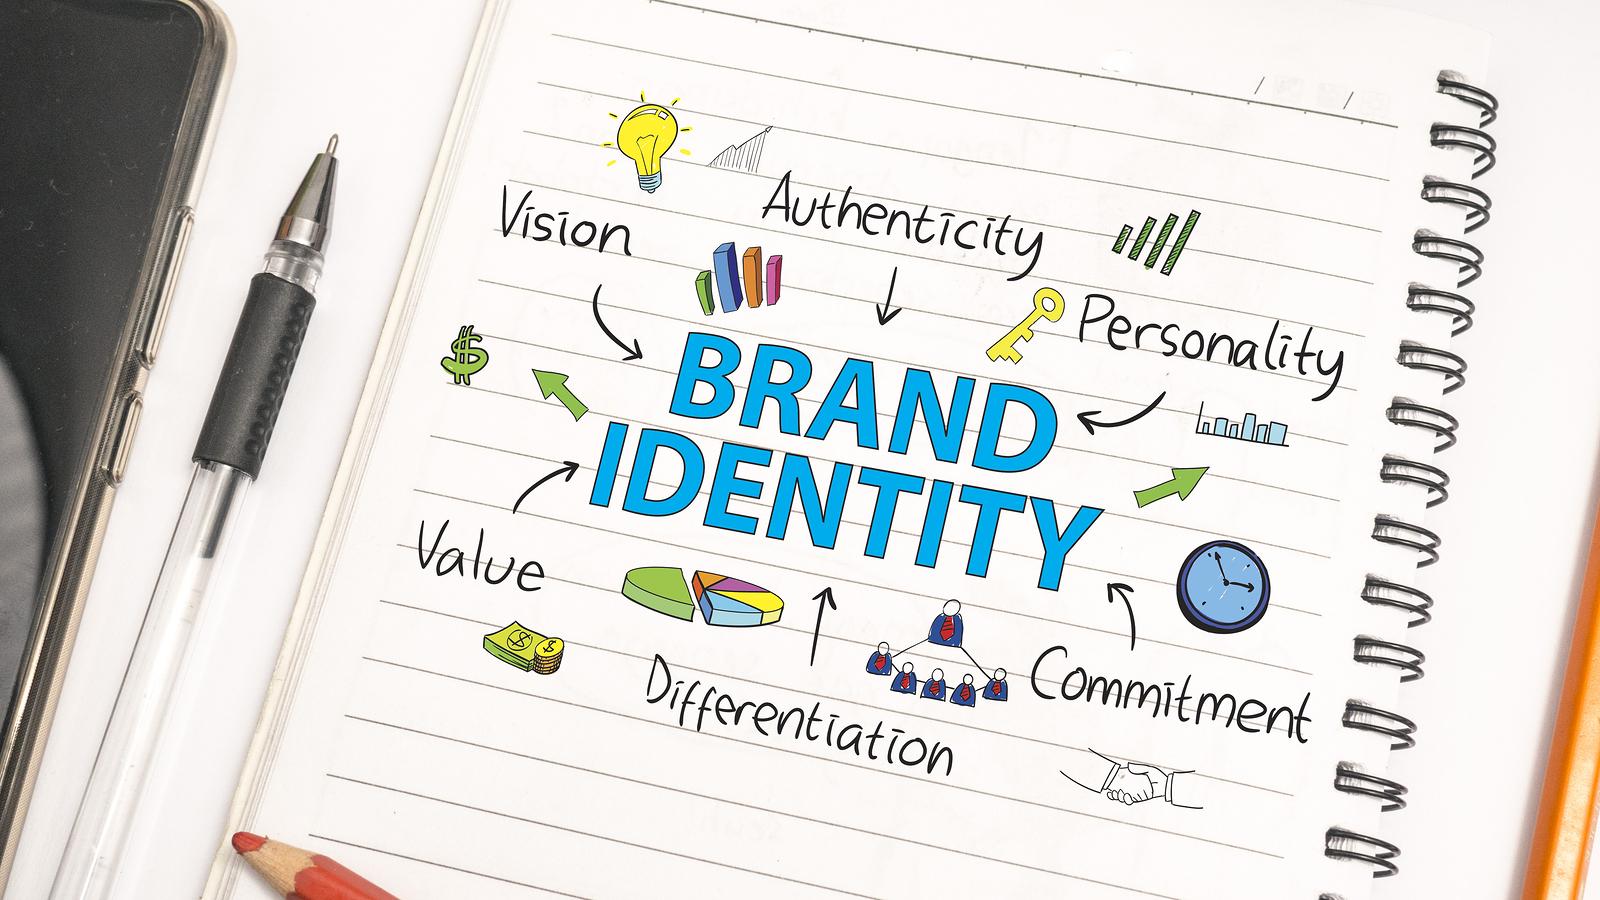 Il CEO Neal Kwatra parla della gestione del marchio aziendale attraverso i social media